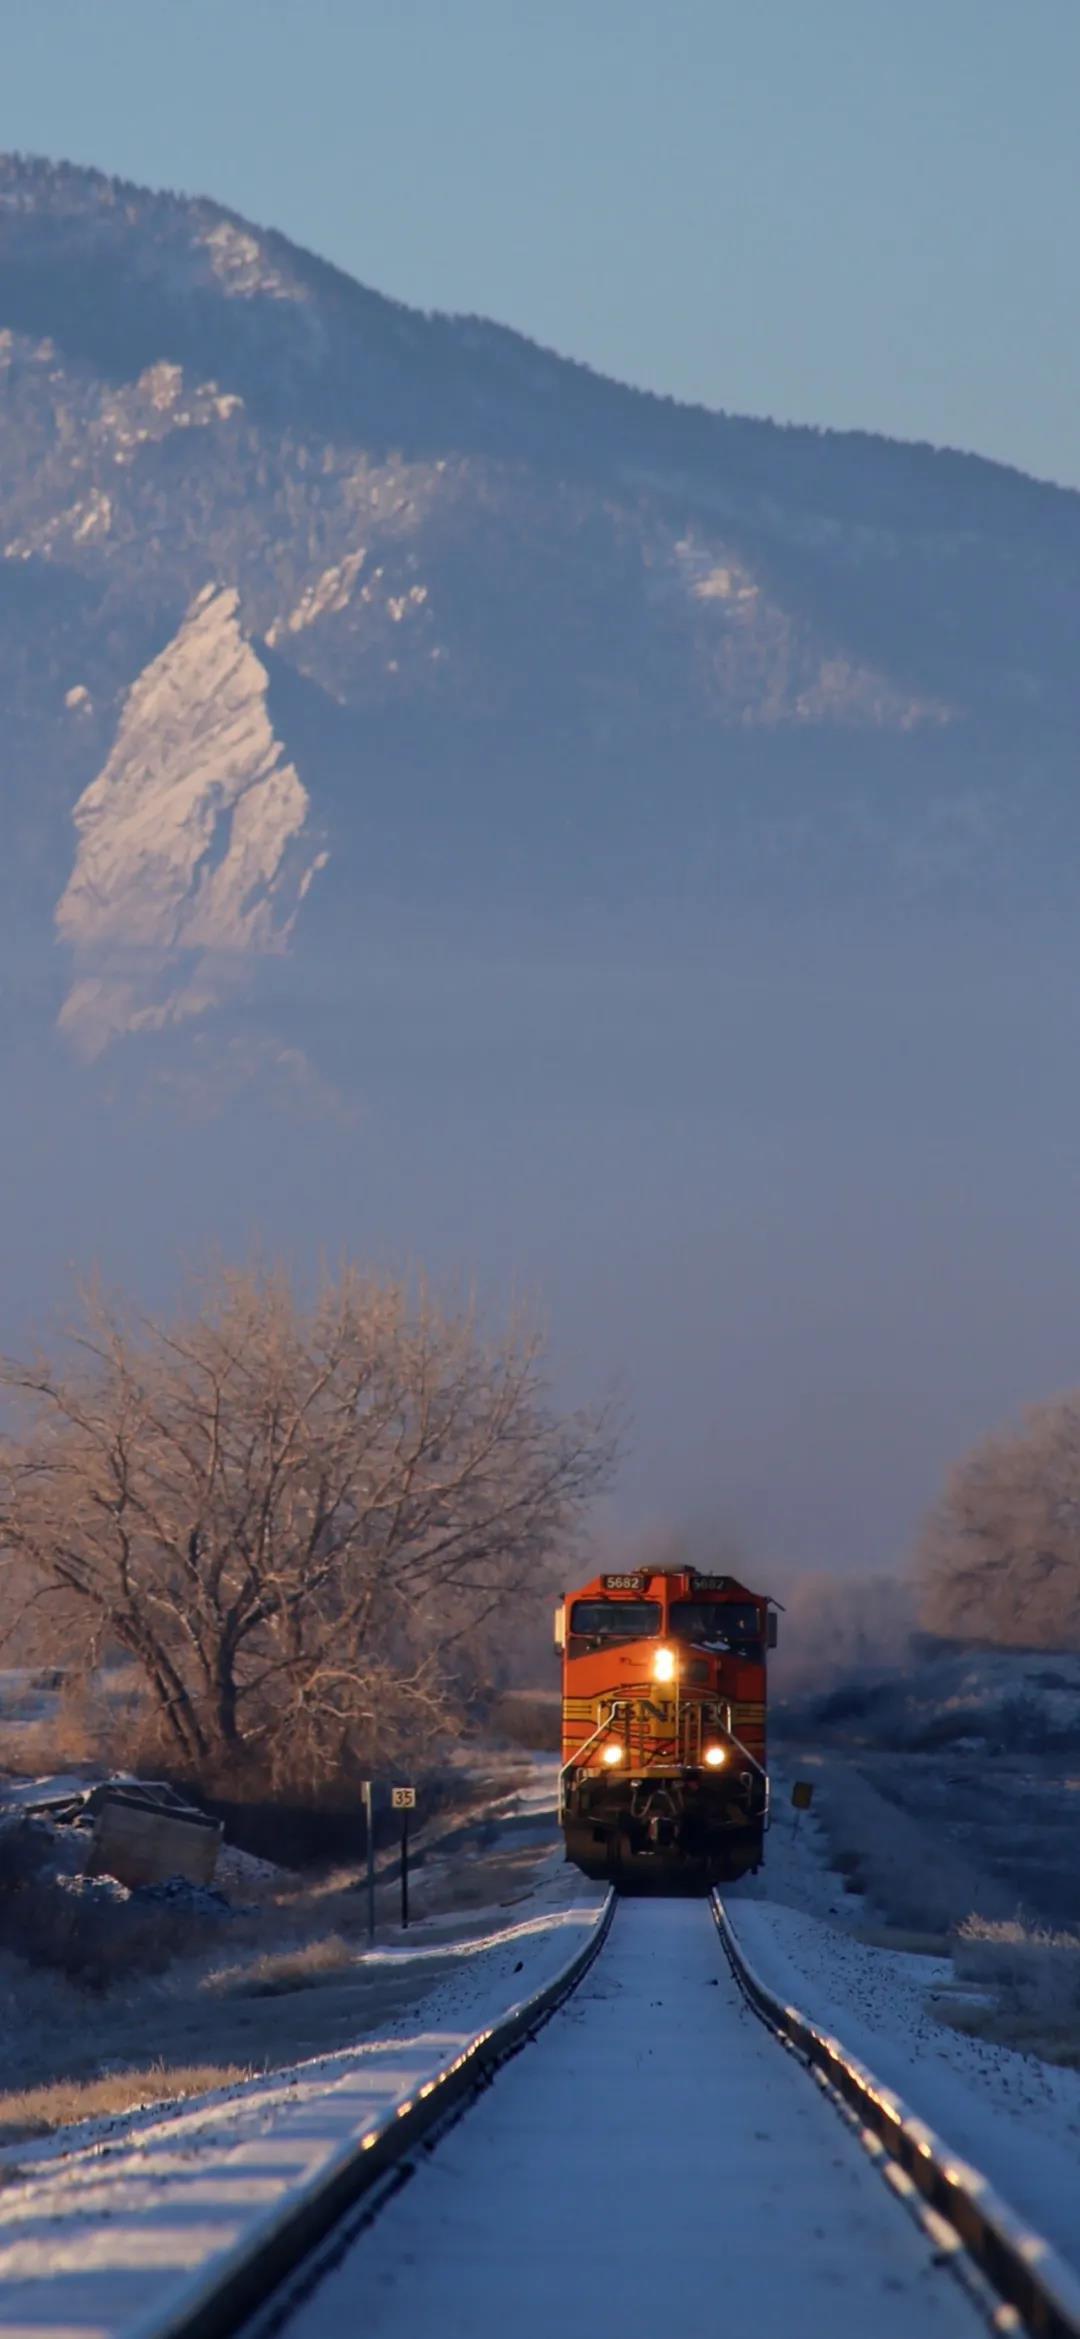 2021最新分享冬天雪景唯美高清手机壁纸图片